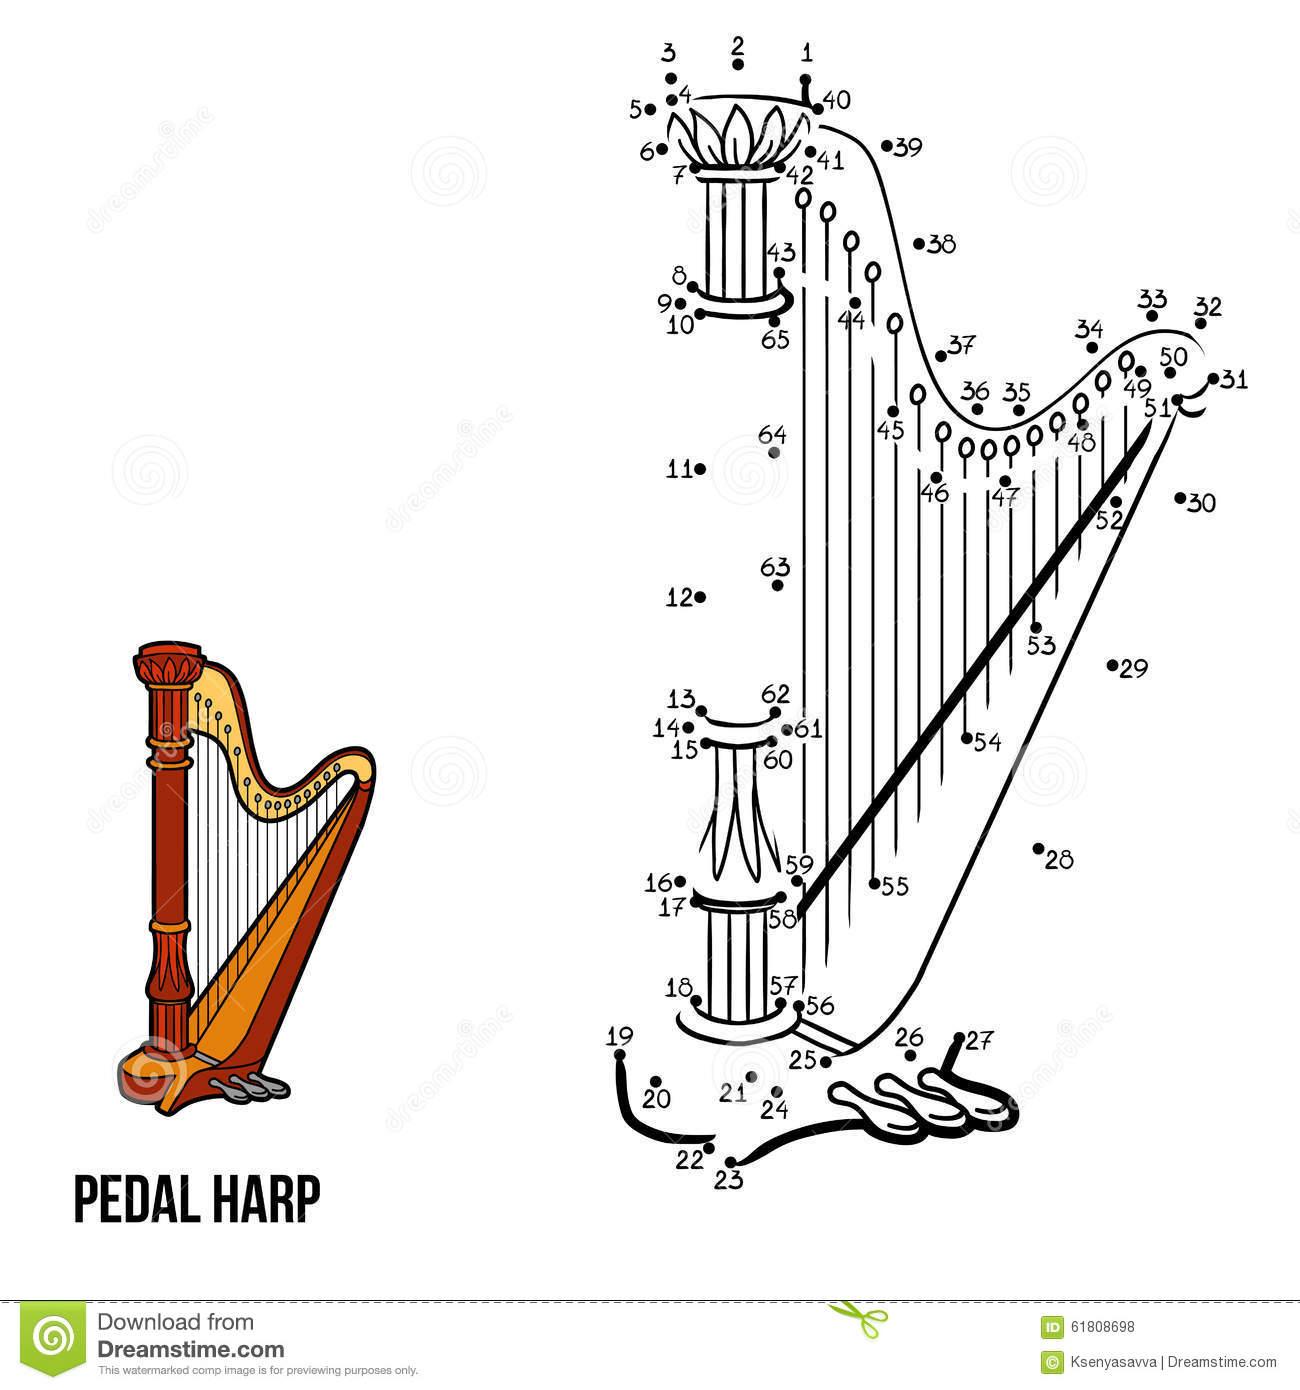 Jeu De Nombres : Instruments De Musique (Harpe De Pédale destiné Jeu Des Instruments De Musique